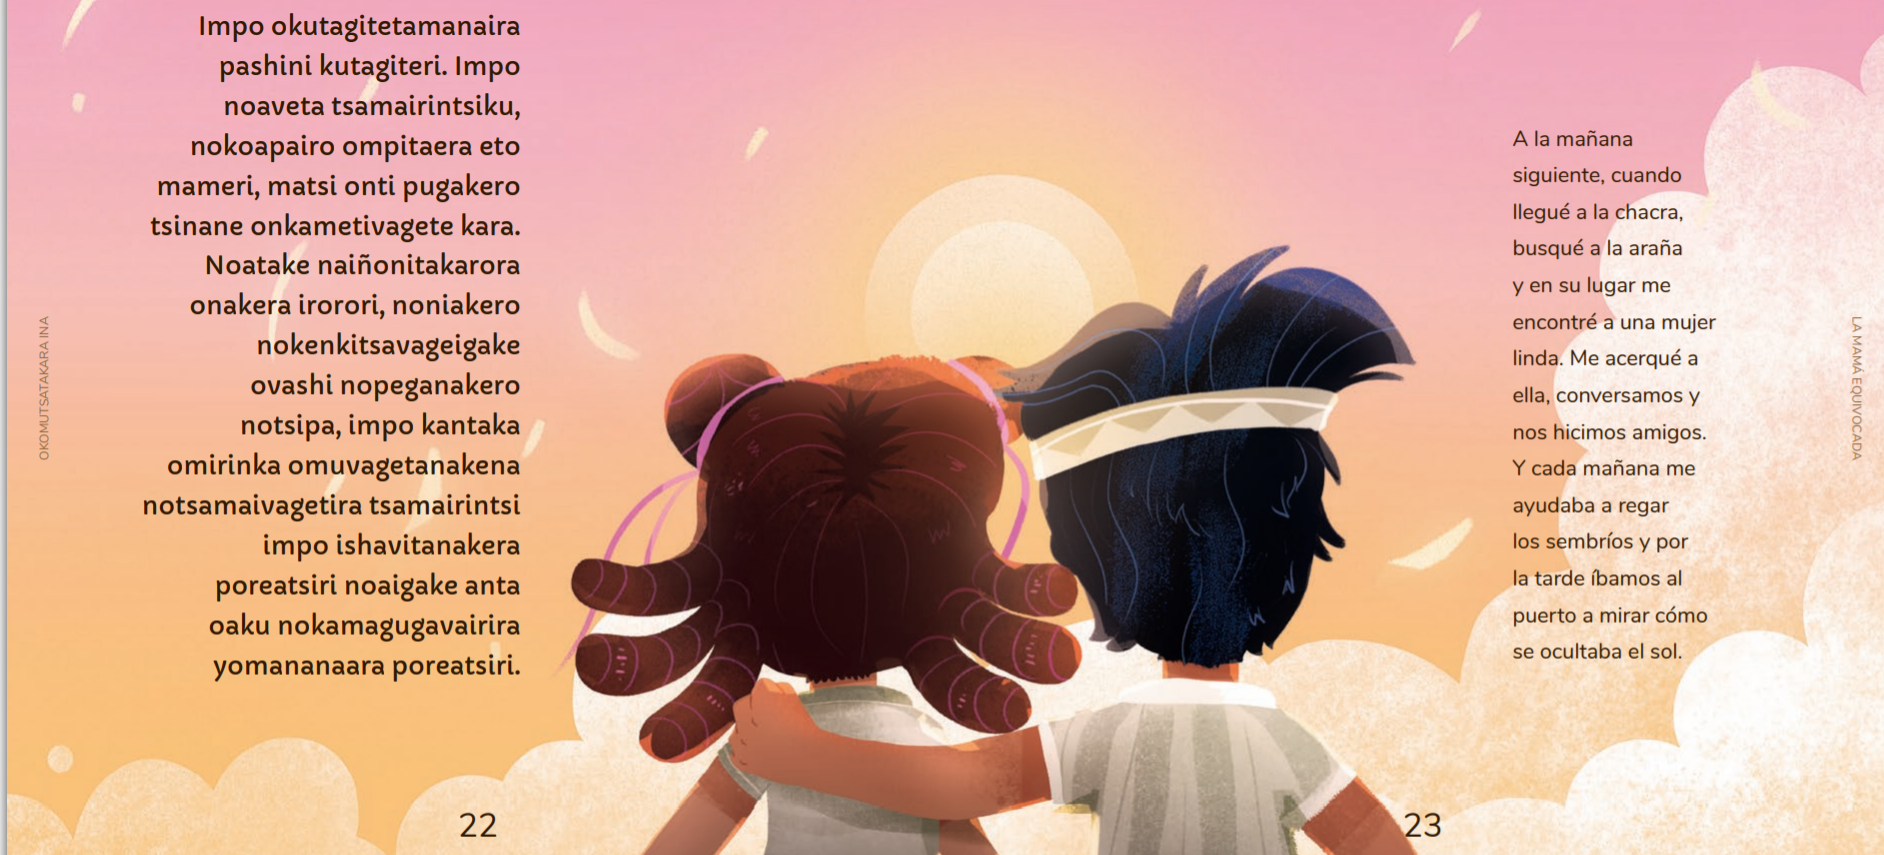 Día de la Lengua Materna: conoce el libro virtual gratuito con historias en yine, matsigenka y castellano